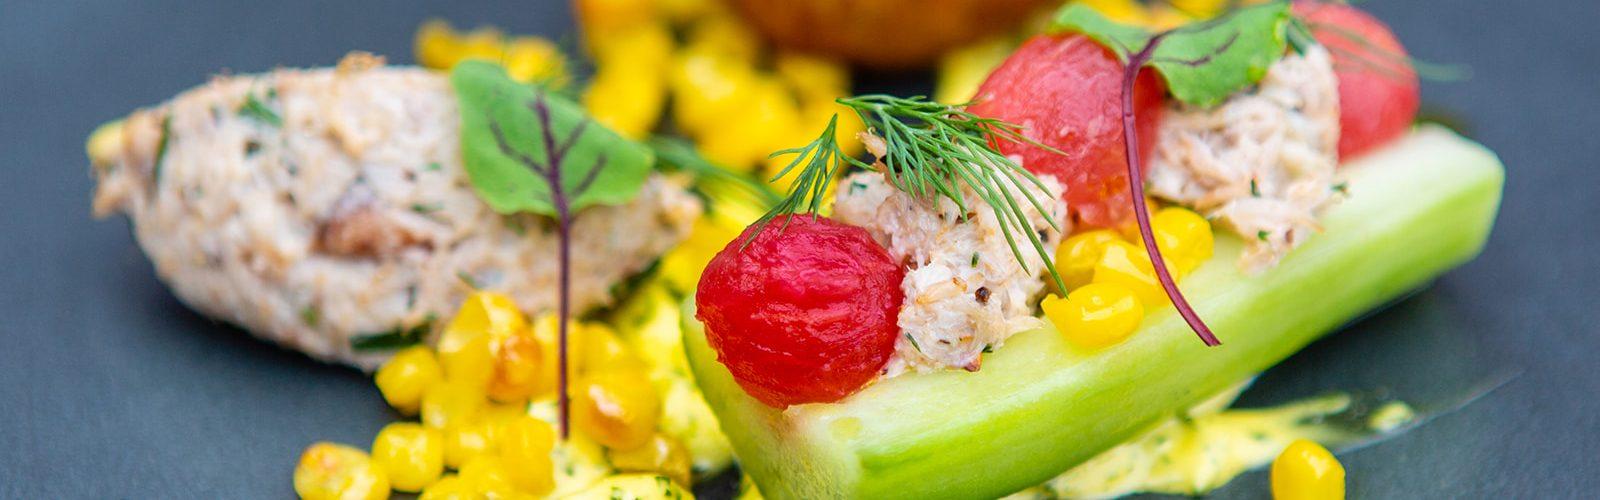 The Royal Oak Food